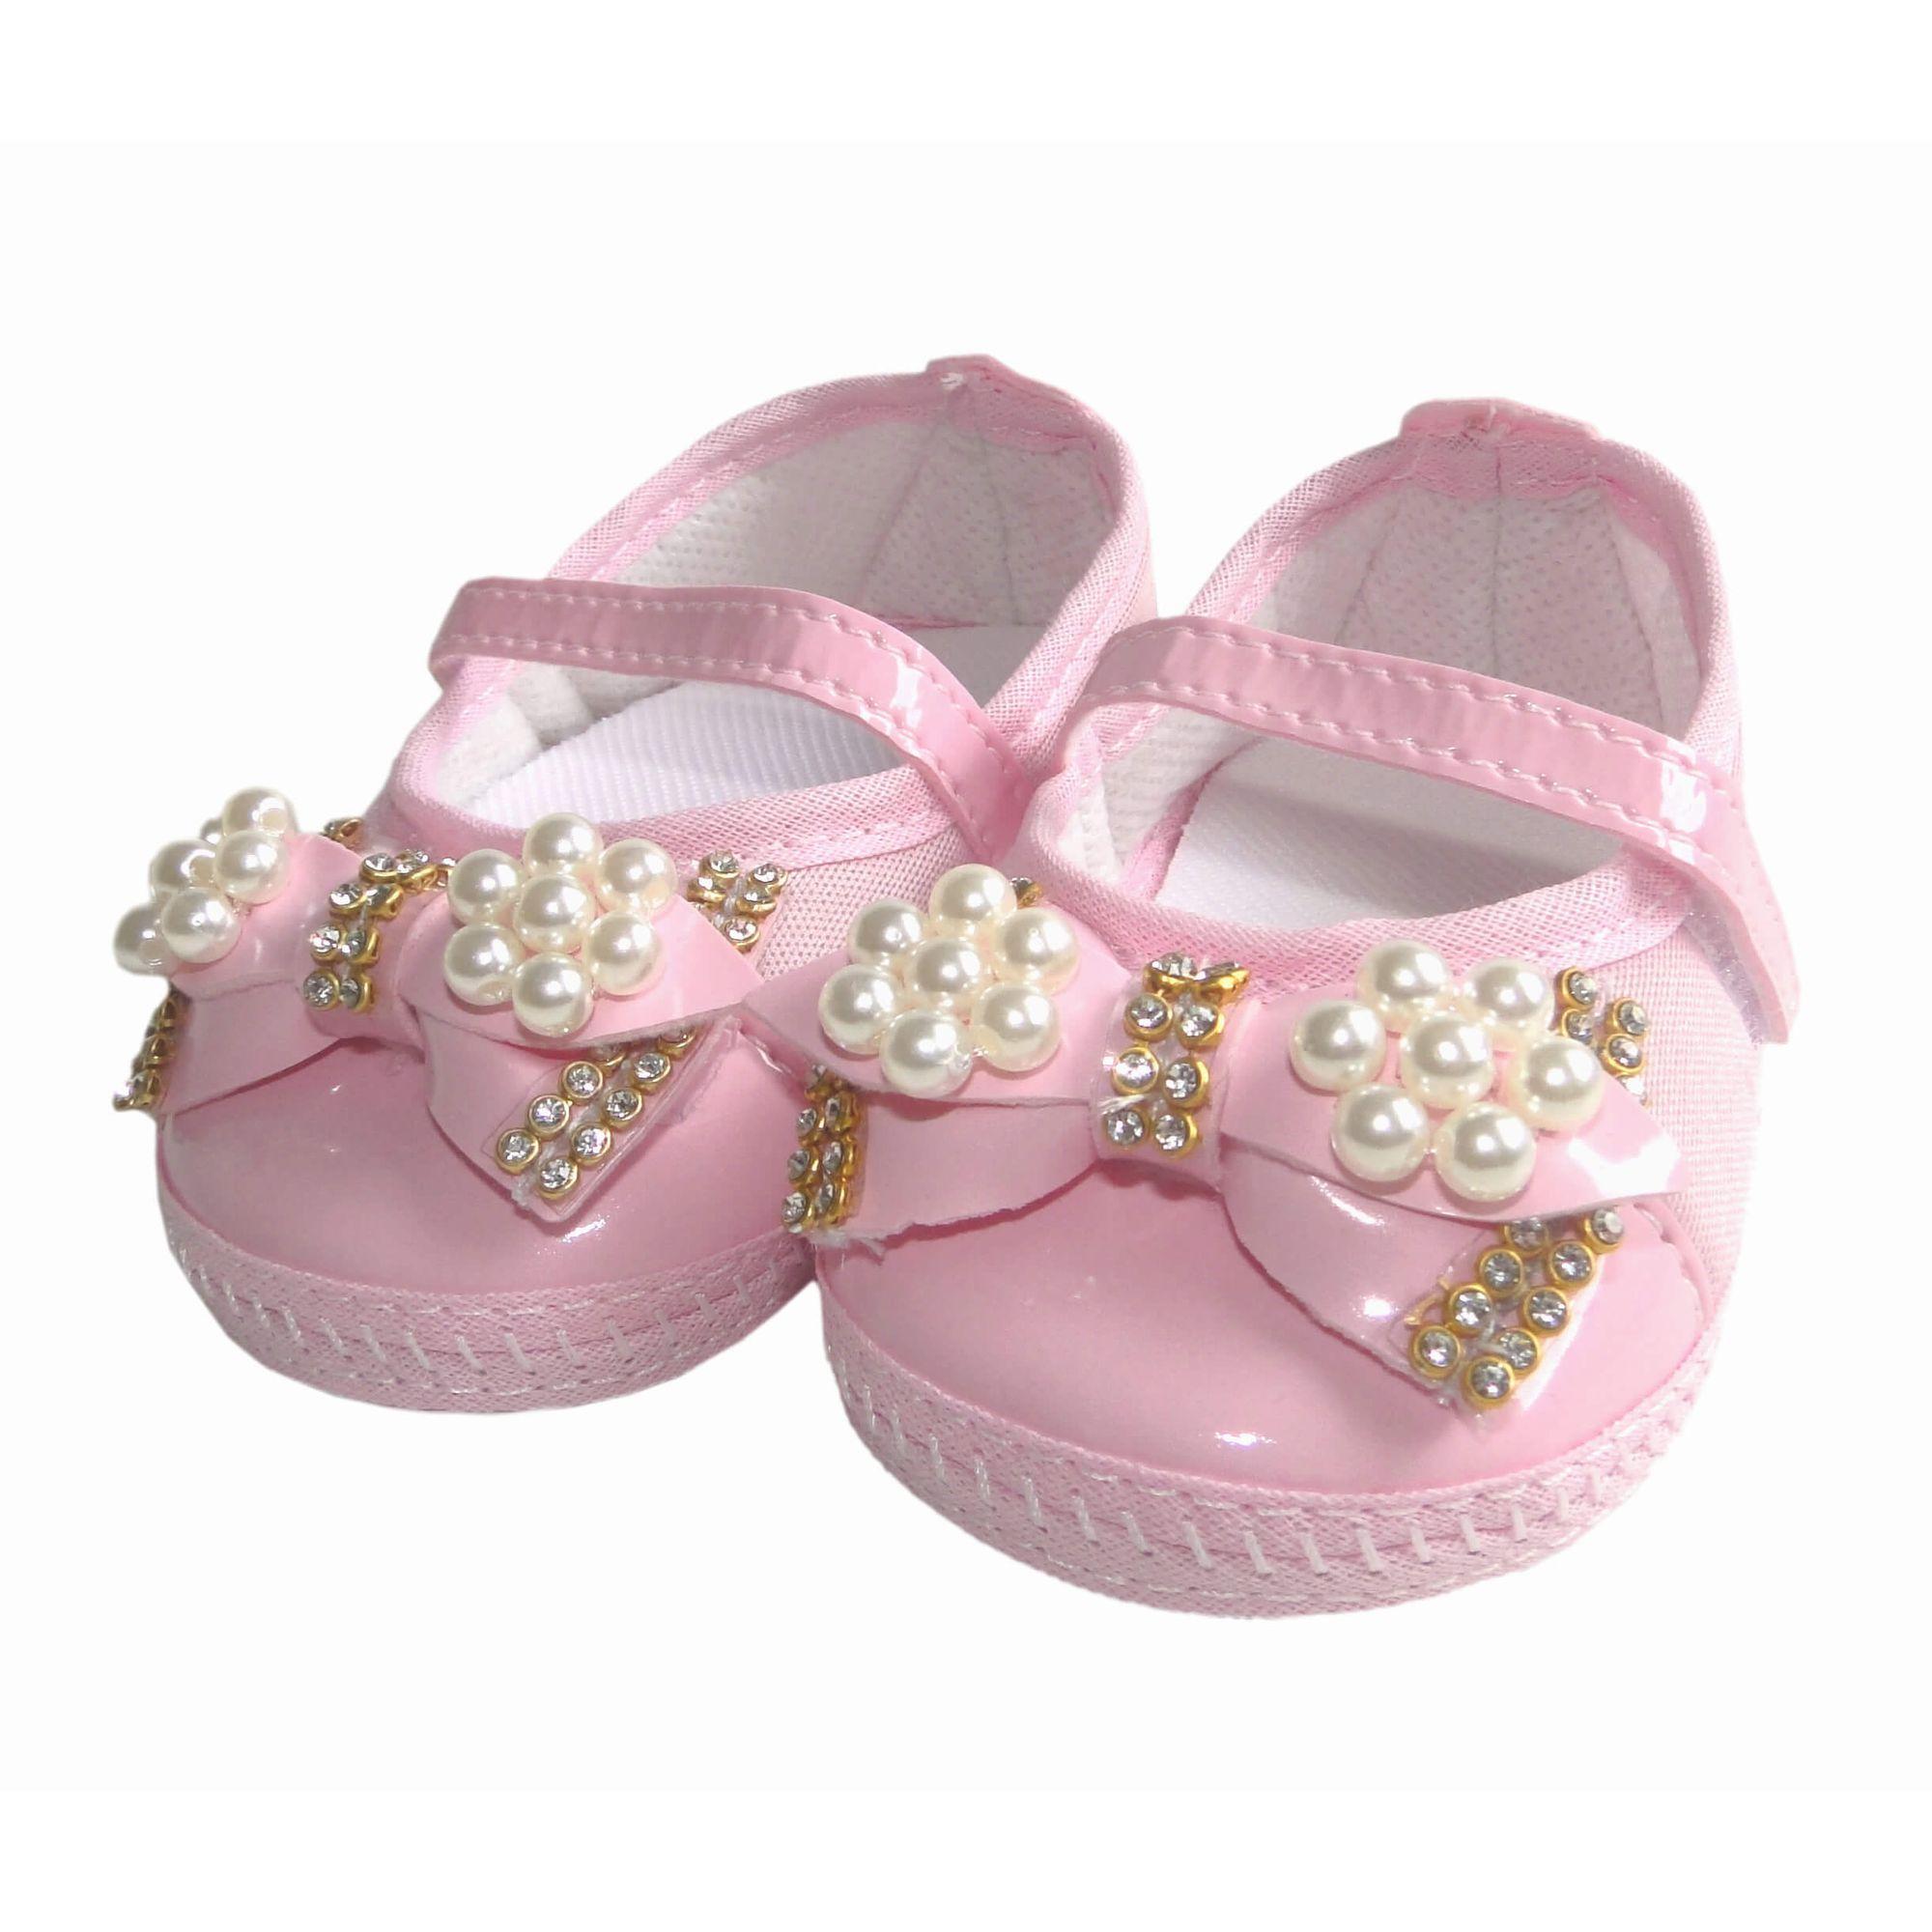 sapatilha-bebe-menina-rosa-com-perolas-e-strass-2